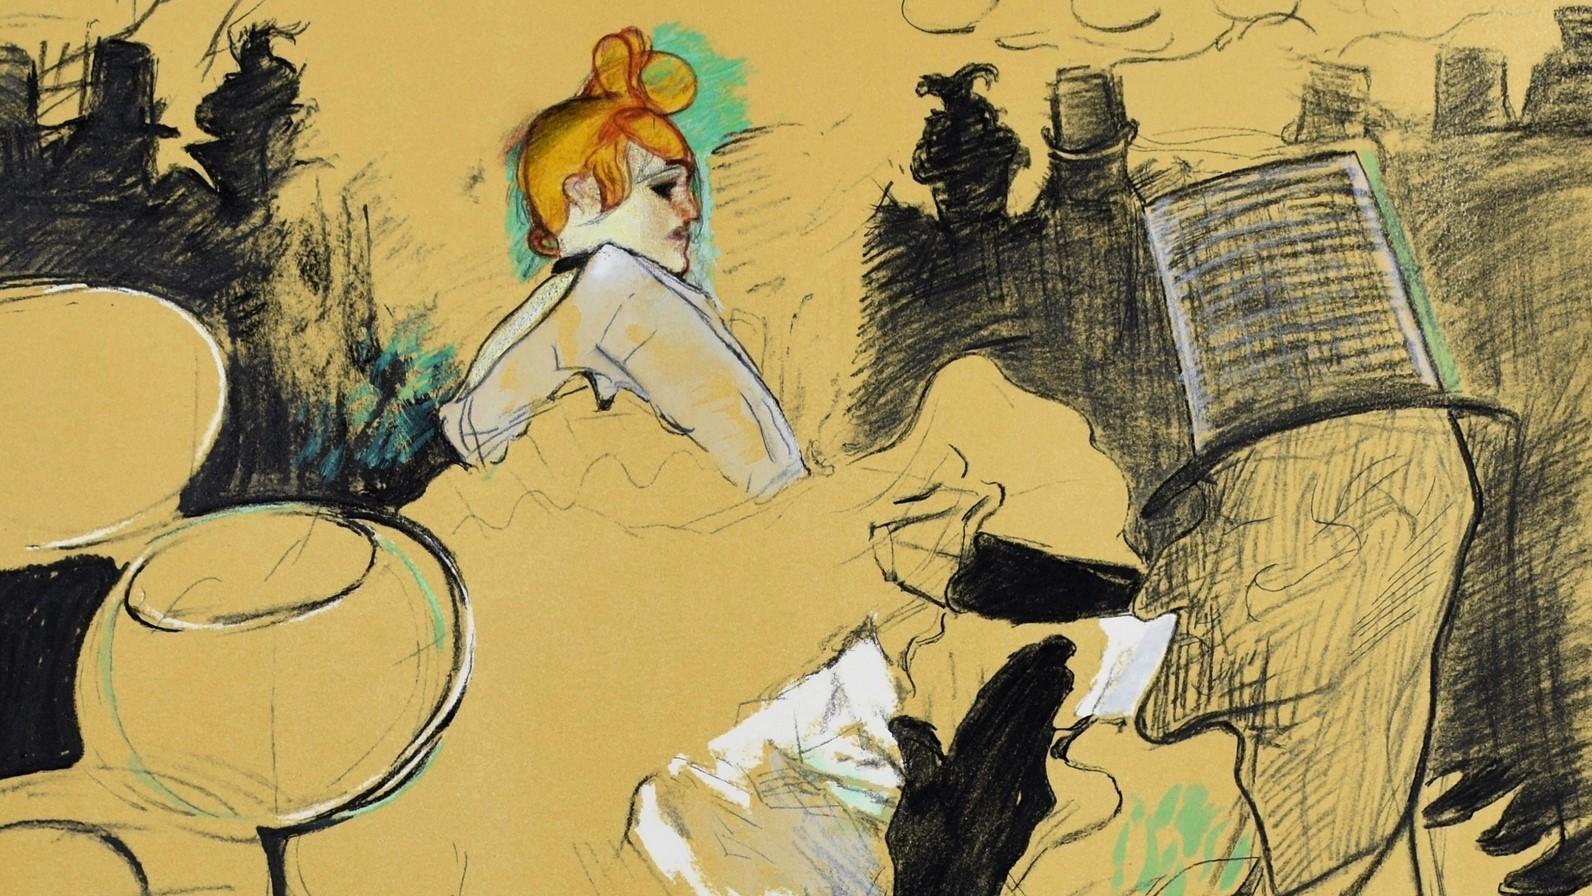 TOULOUSE LAUTREC | Moulin Rouge, 1891 | Lithograph